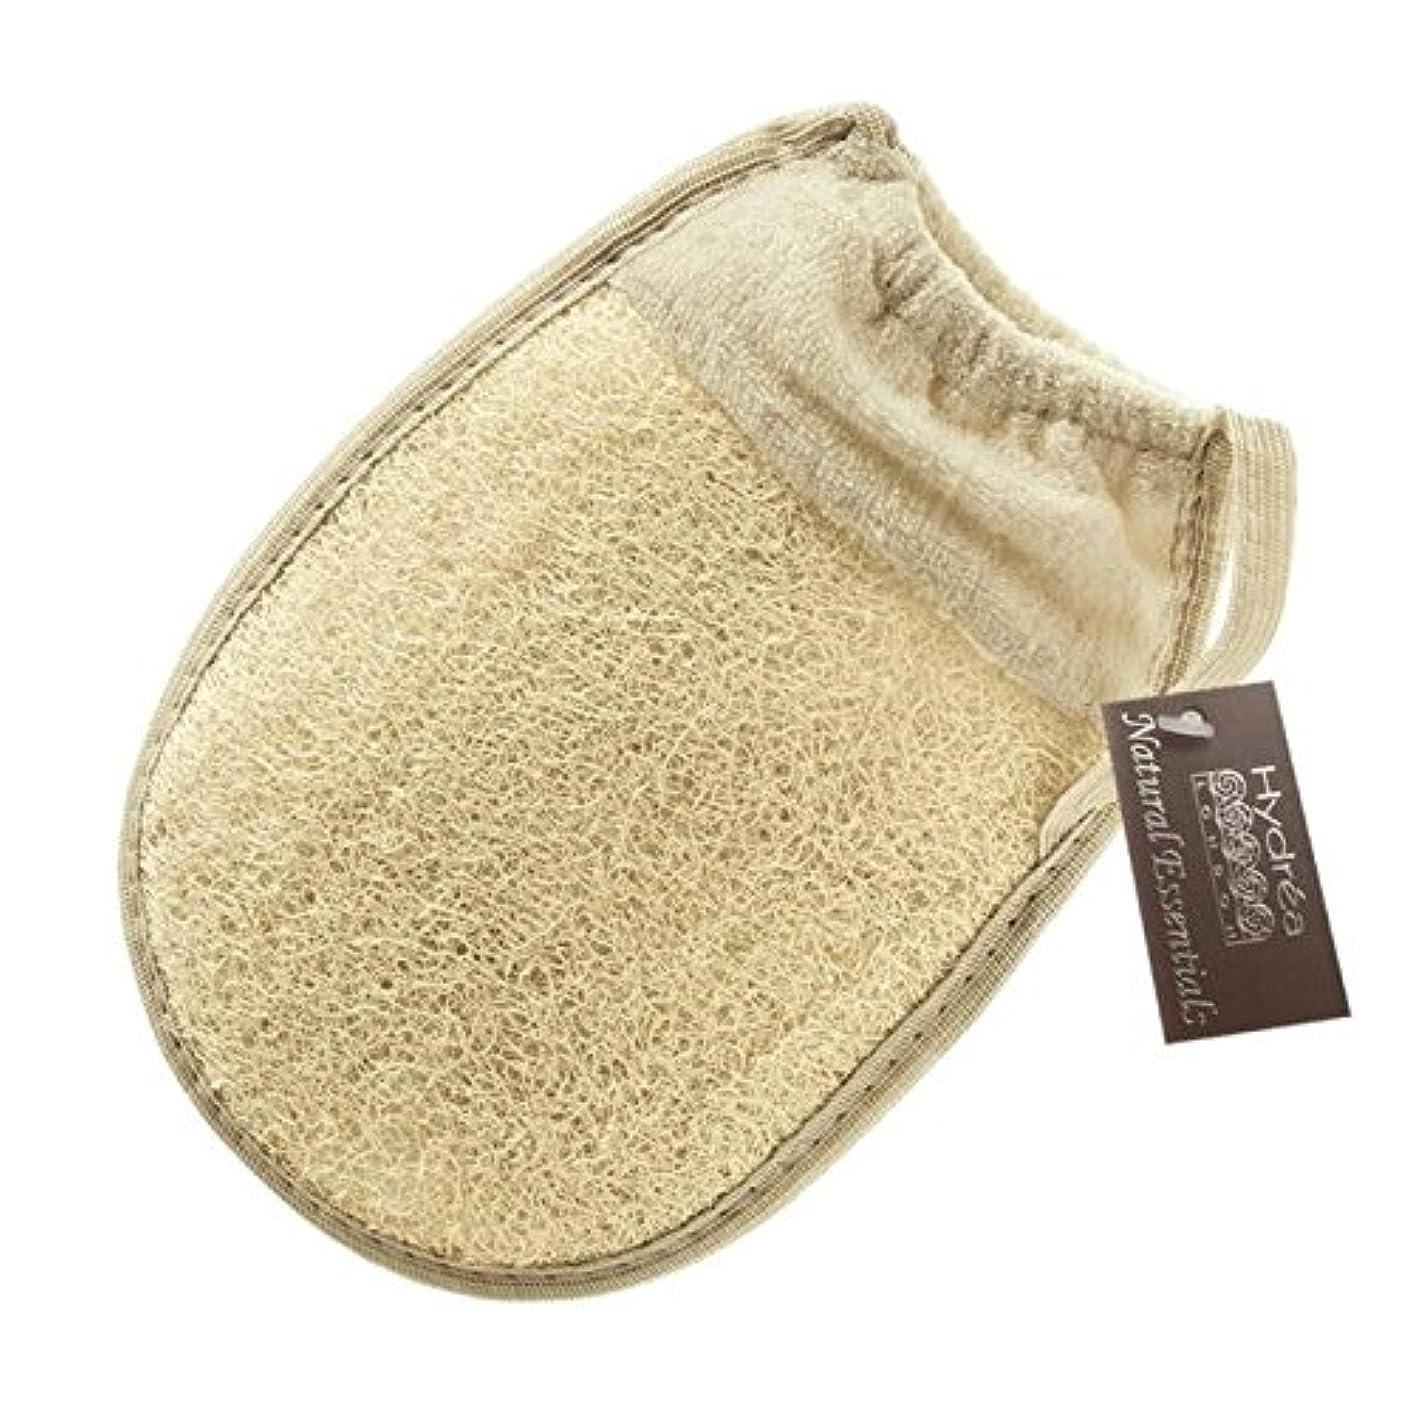 フラスコ駅感嘆Hydrea London Egyptian Loofah Glove with Elasticated Cuff - 伸縮性カフとハイドレアロンドンエジプトのヘチマグローブ [並行輸入品]